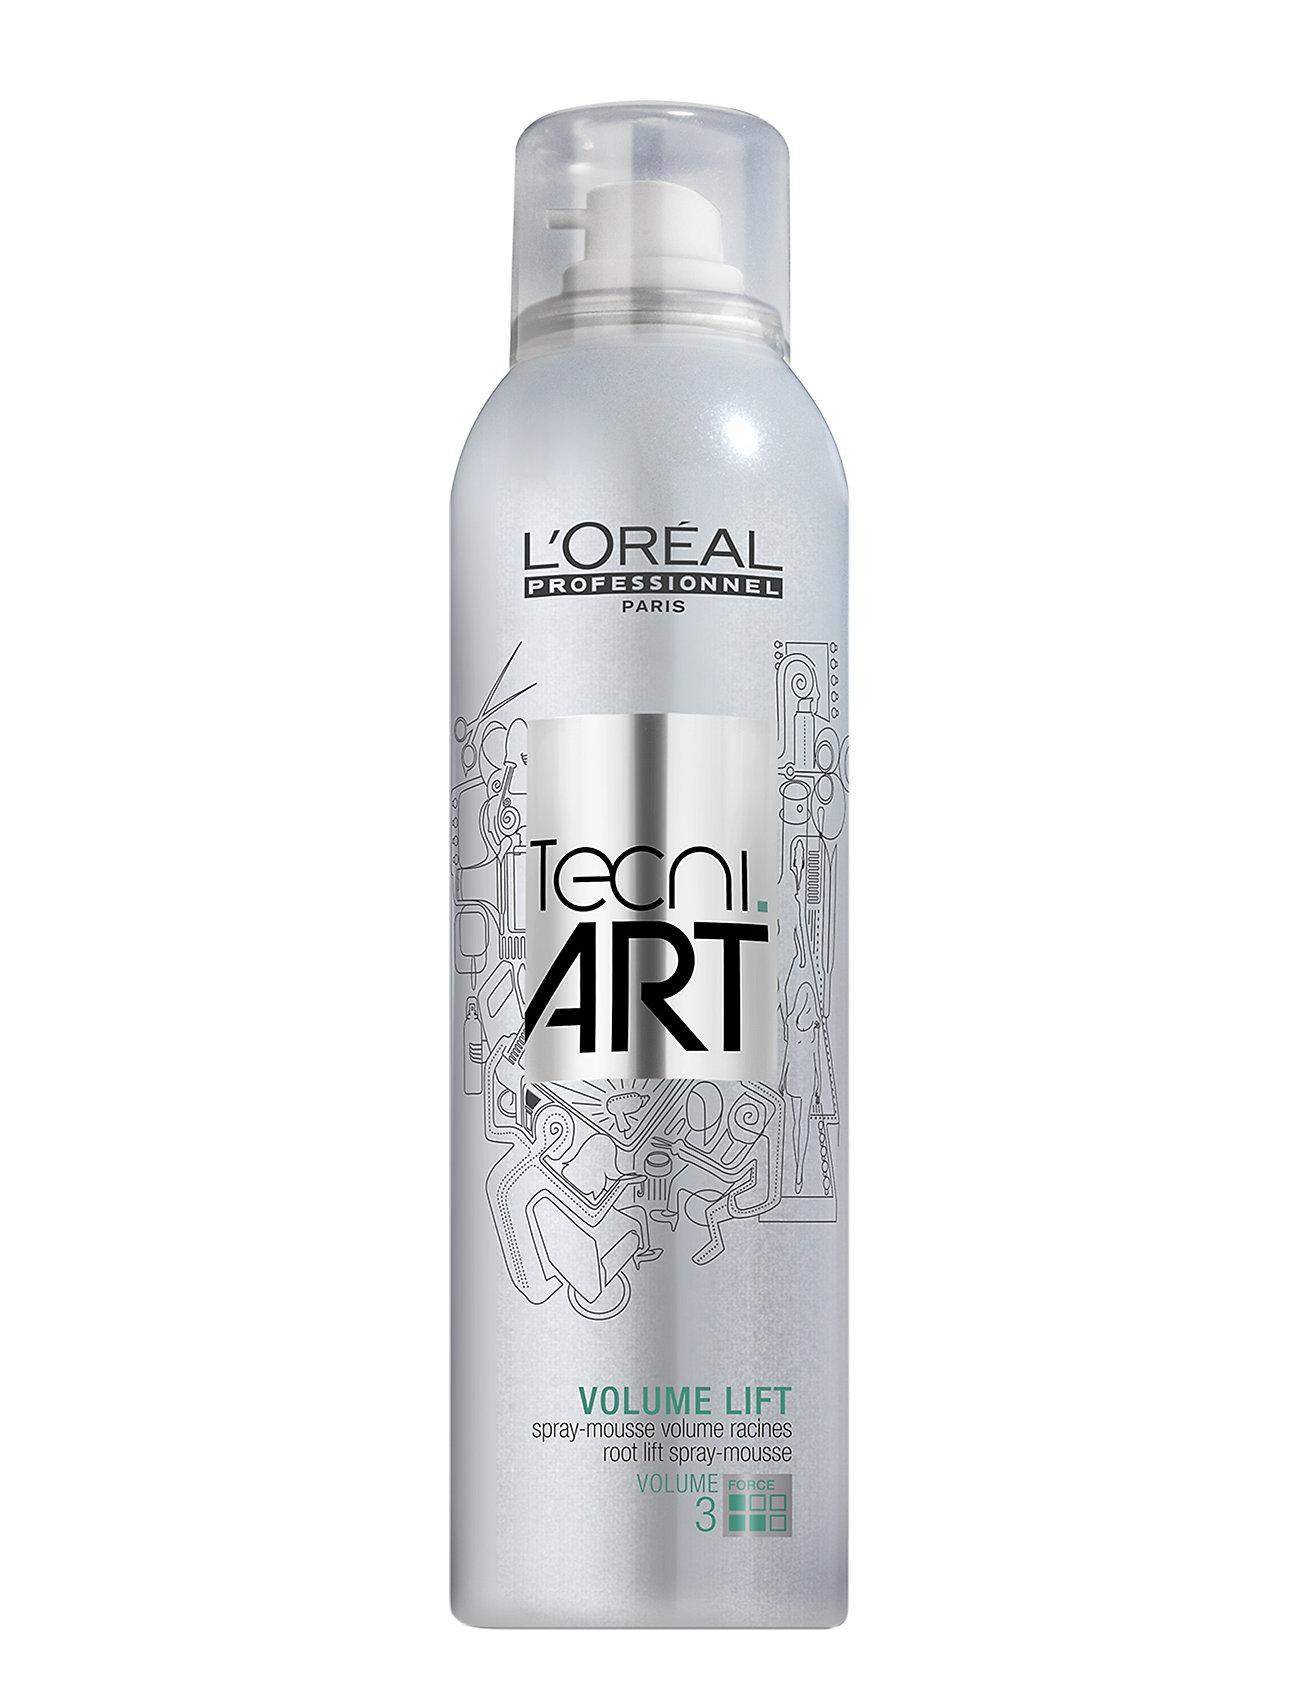 L'OréAl Professionnel Volume Lift - L'Oréal Professionnel